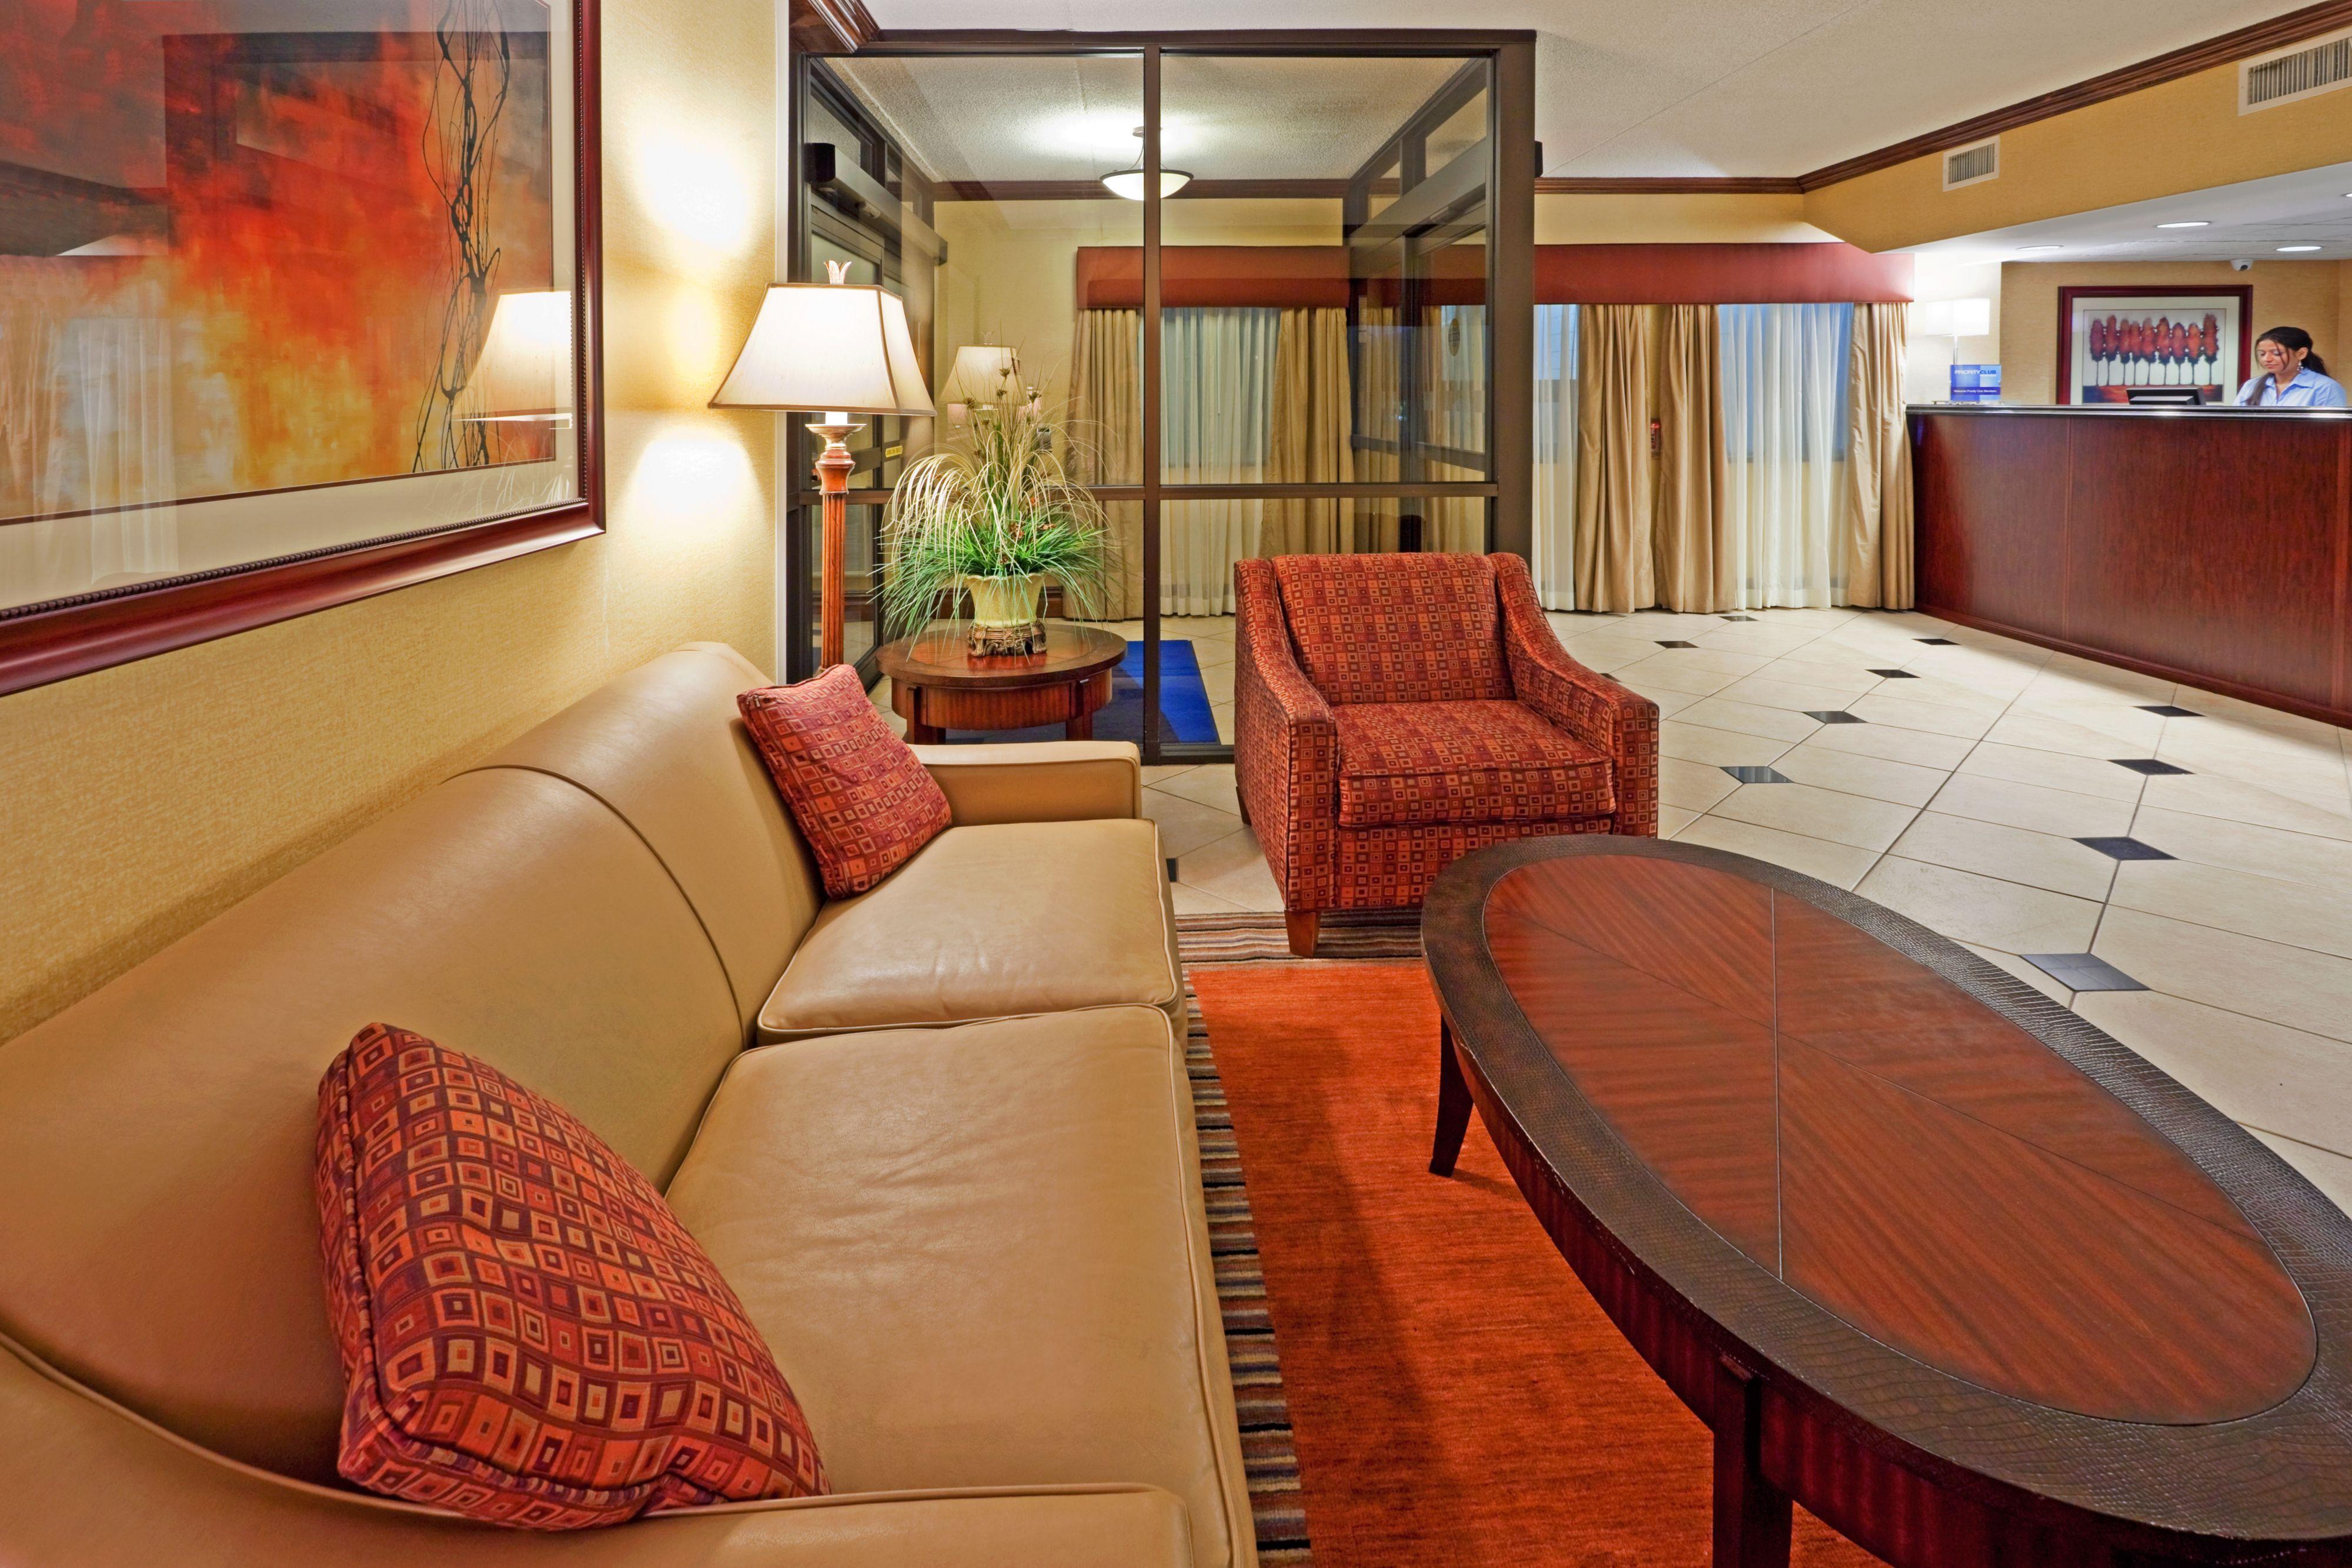 Holiday Inn Express Ramsey-Mahwah image 4